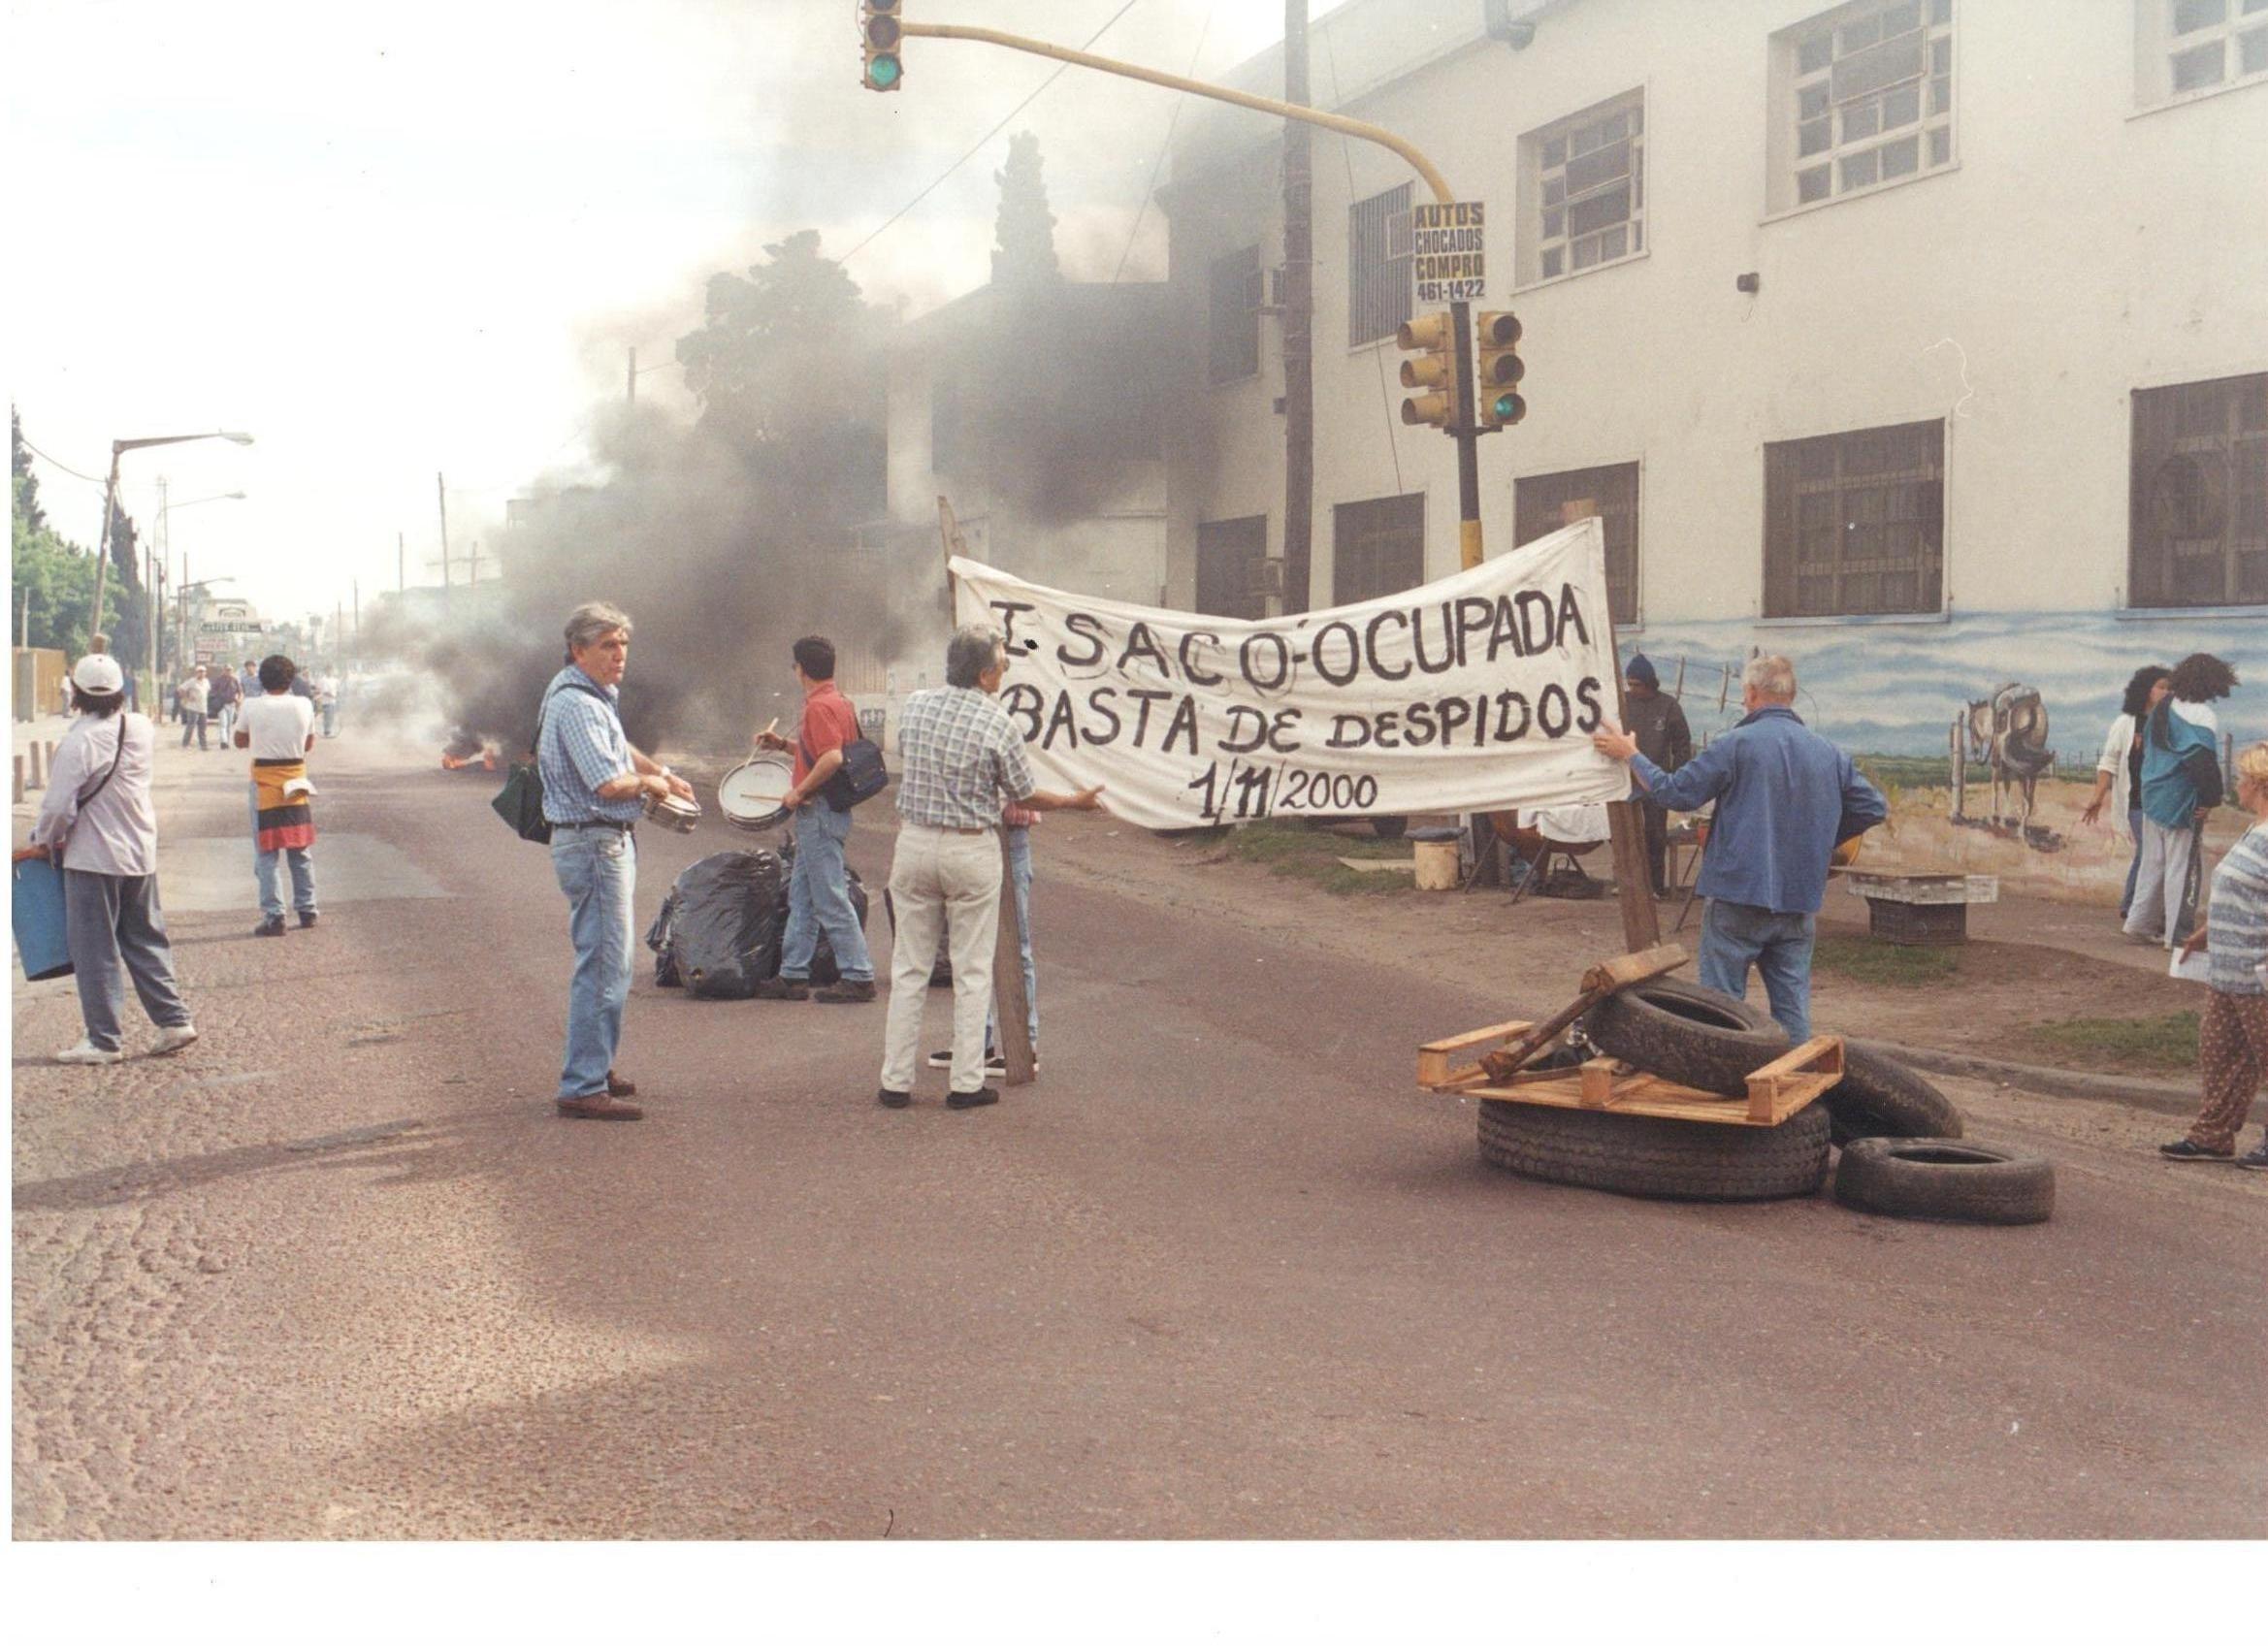 Trabajadores de la cooperativa 19 de Diciembre durante la protesta por despidos